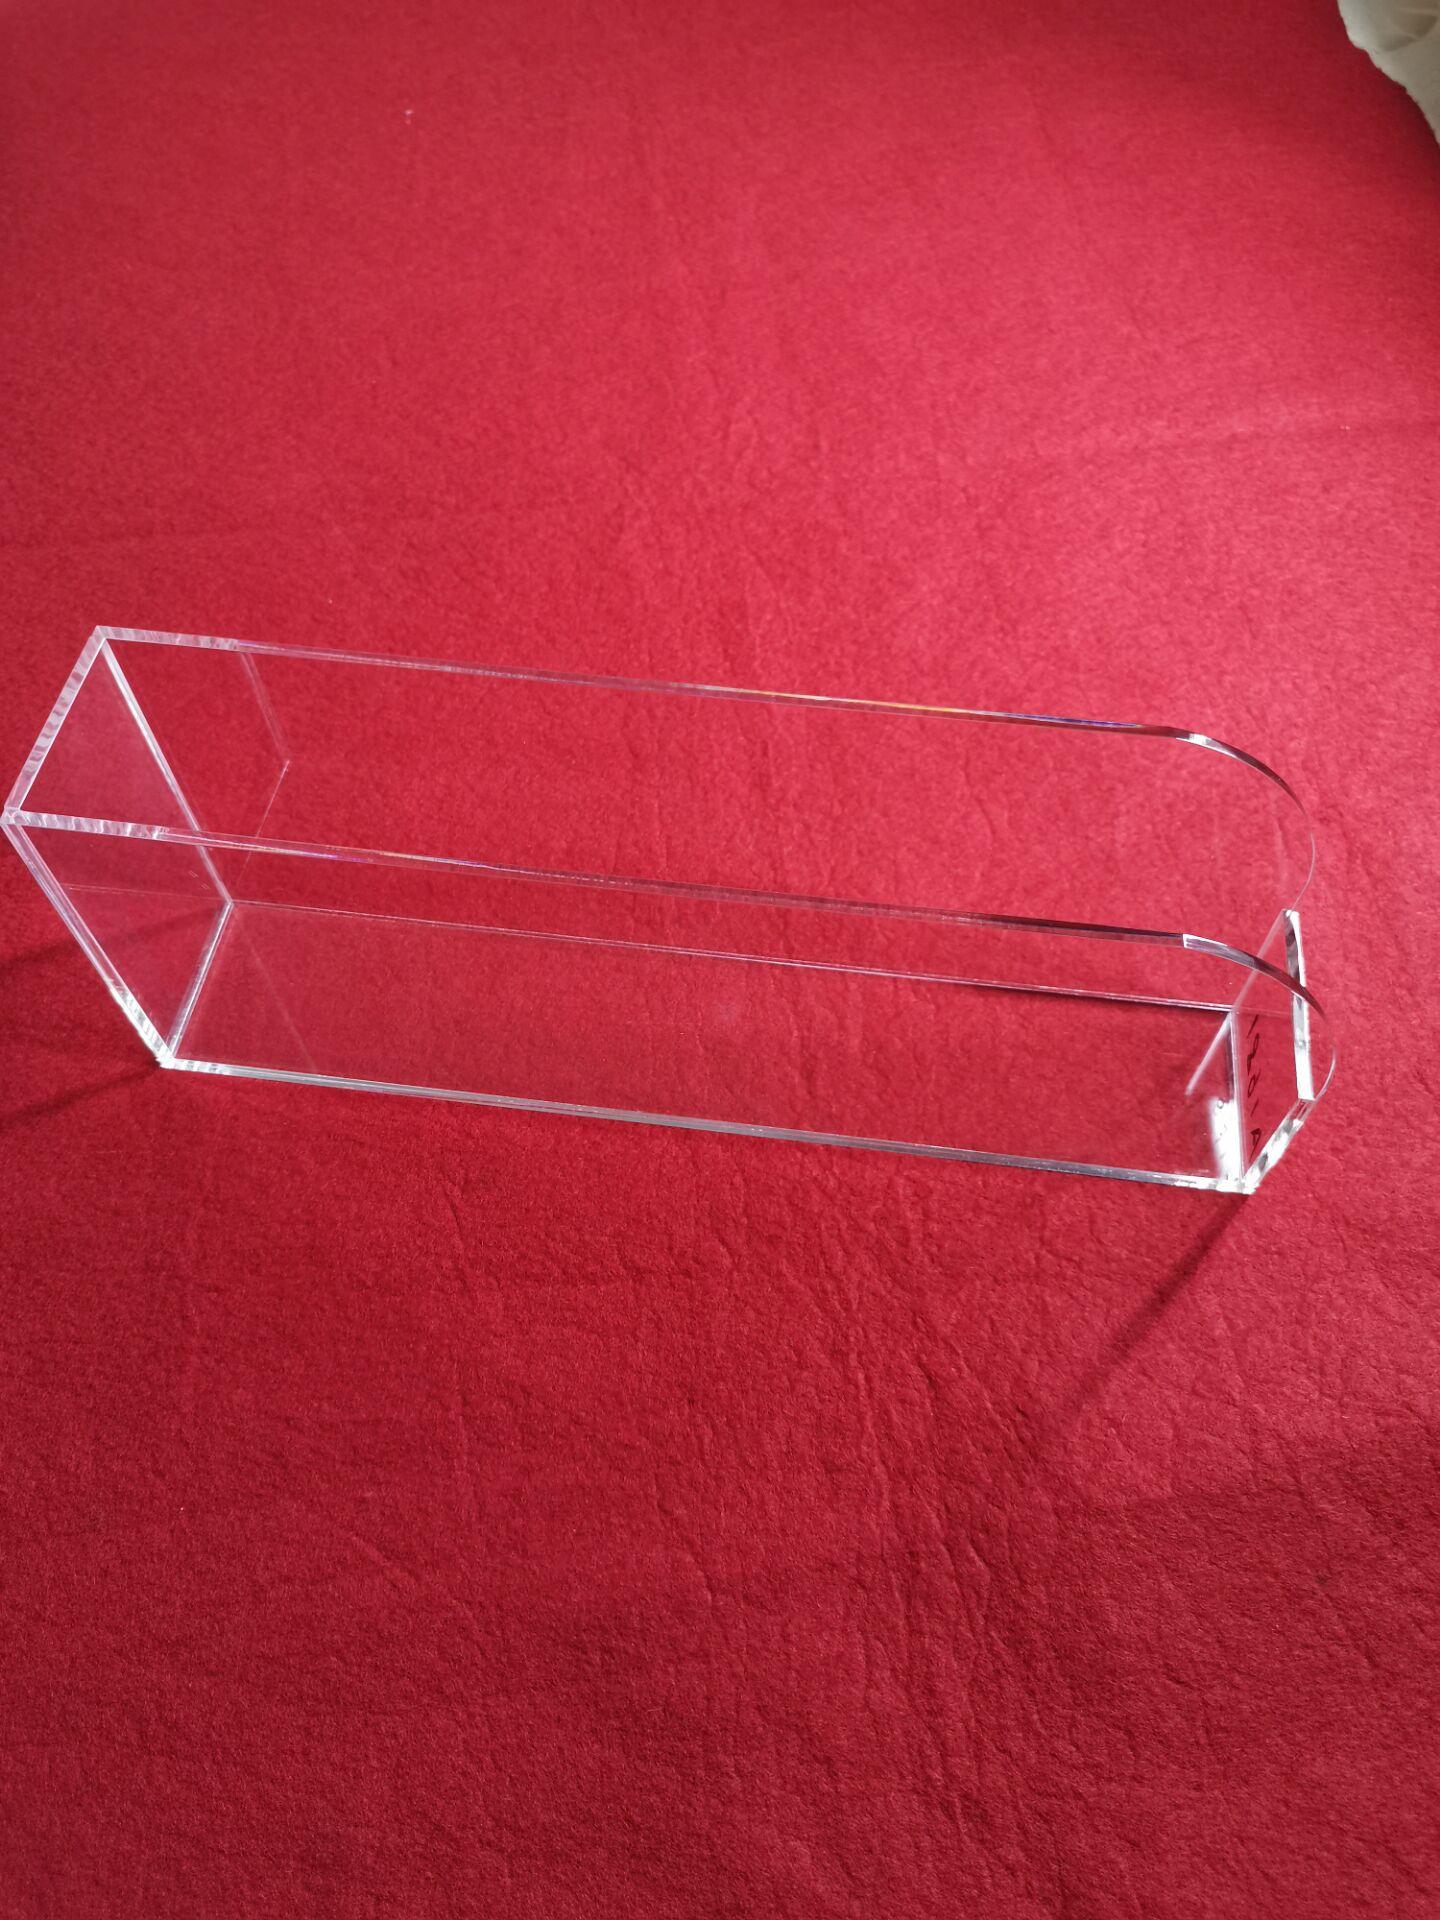 宁波市海曙安君有机玻璃亚克力激光雕刻粘接修边抛光定制加工收纳盒